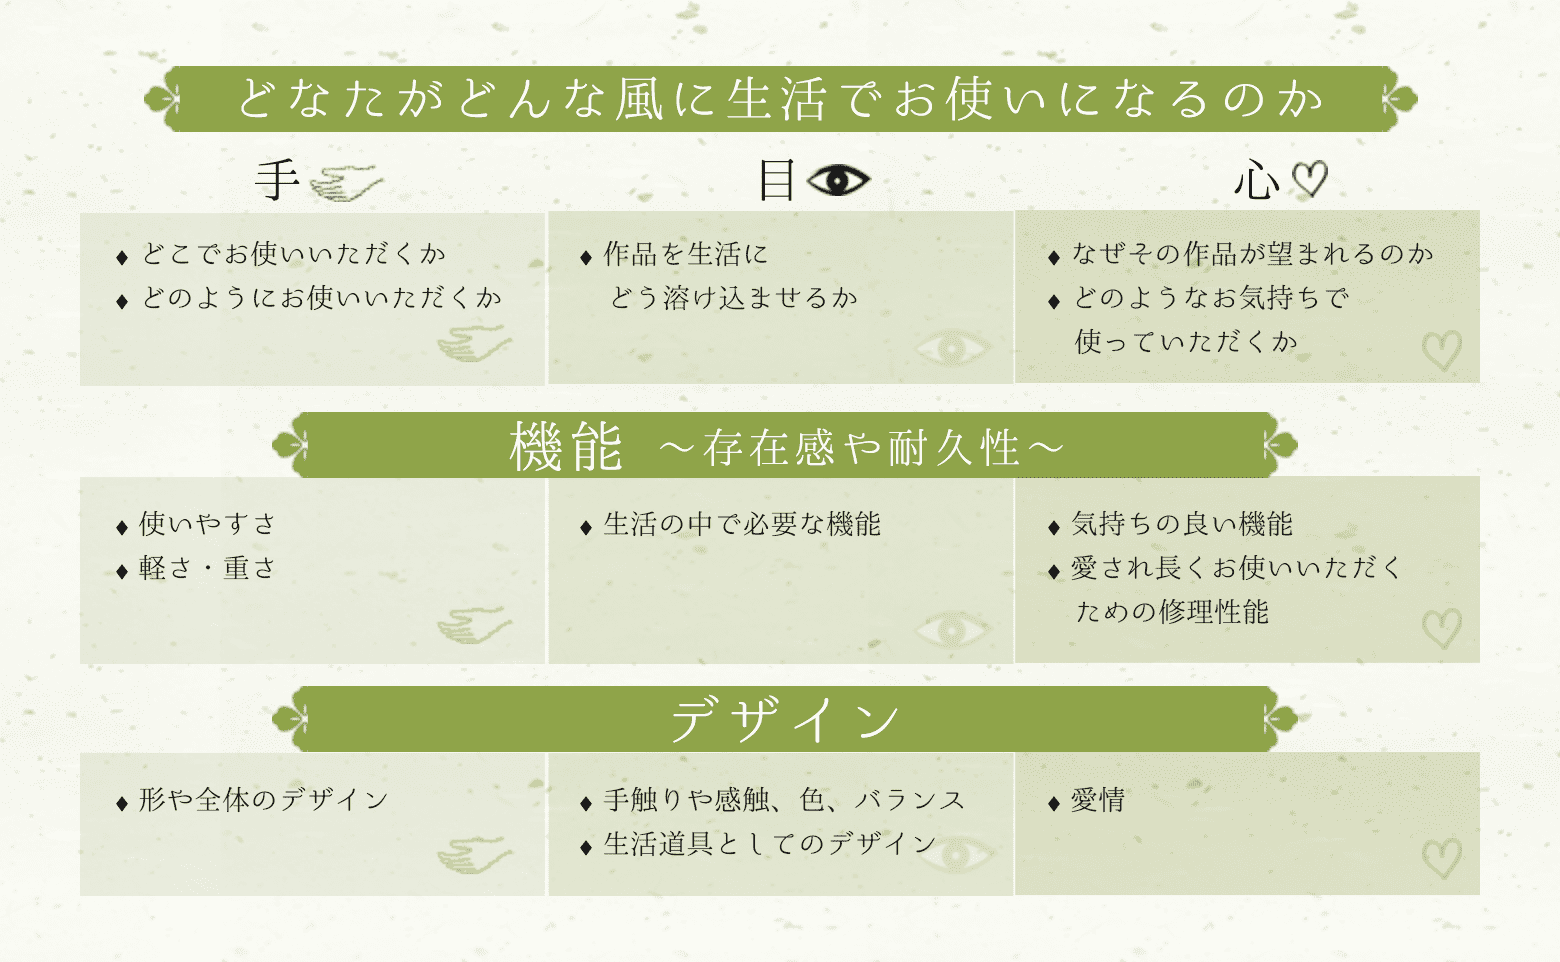 用途・機能・デザインの図